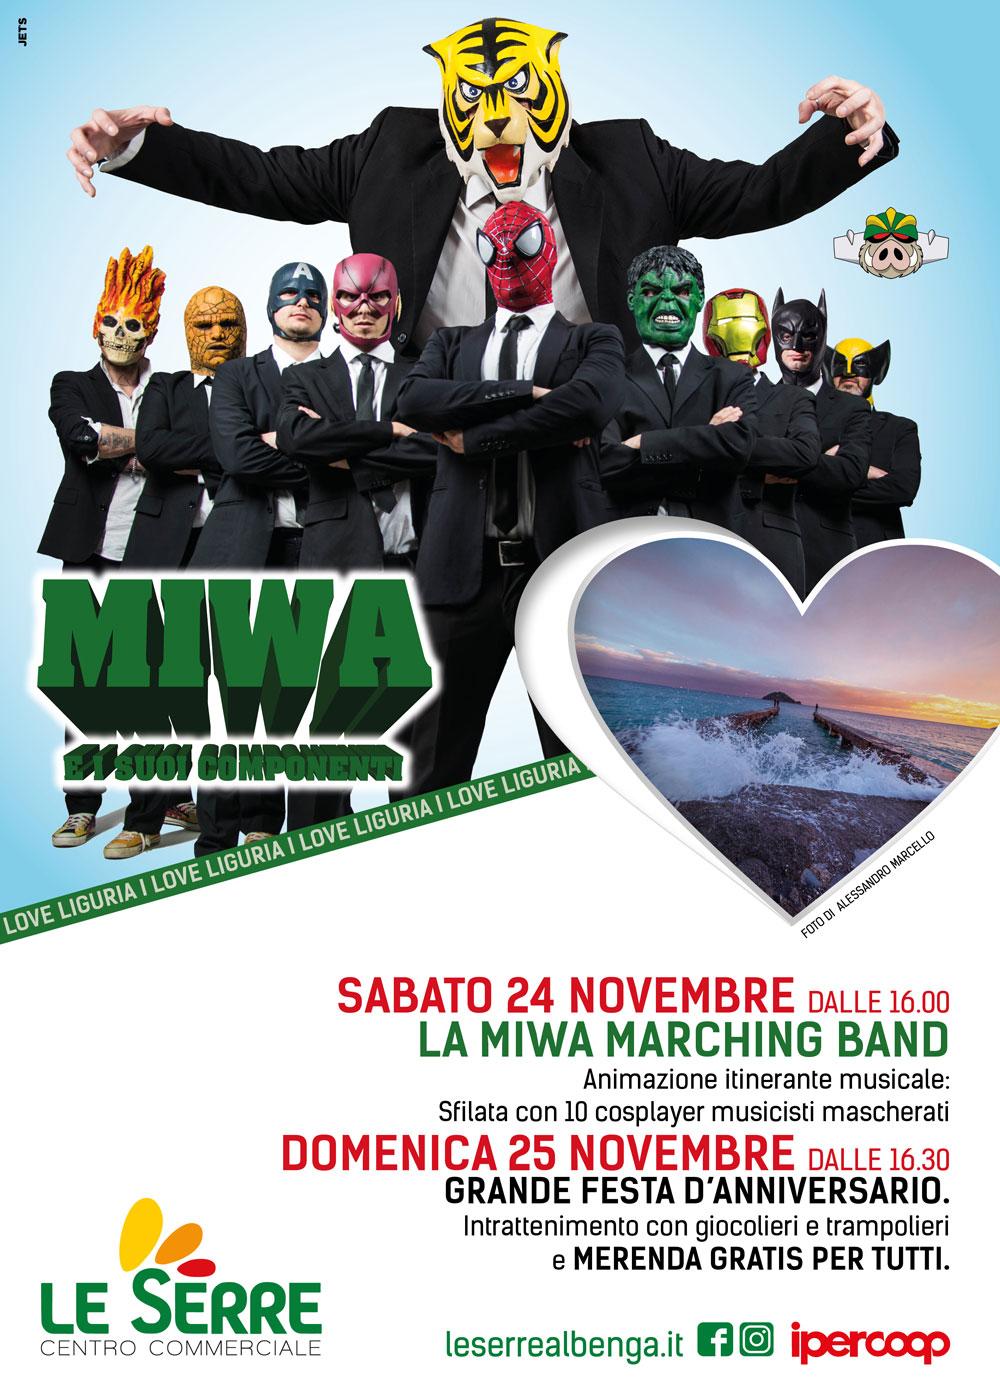 24-25 novembre MIWA e i suoi componenti